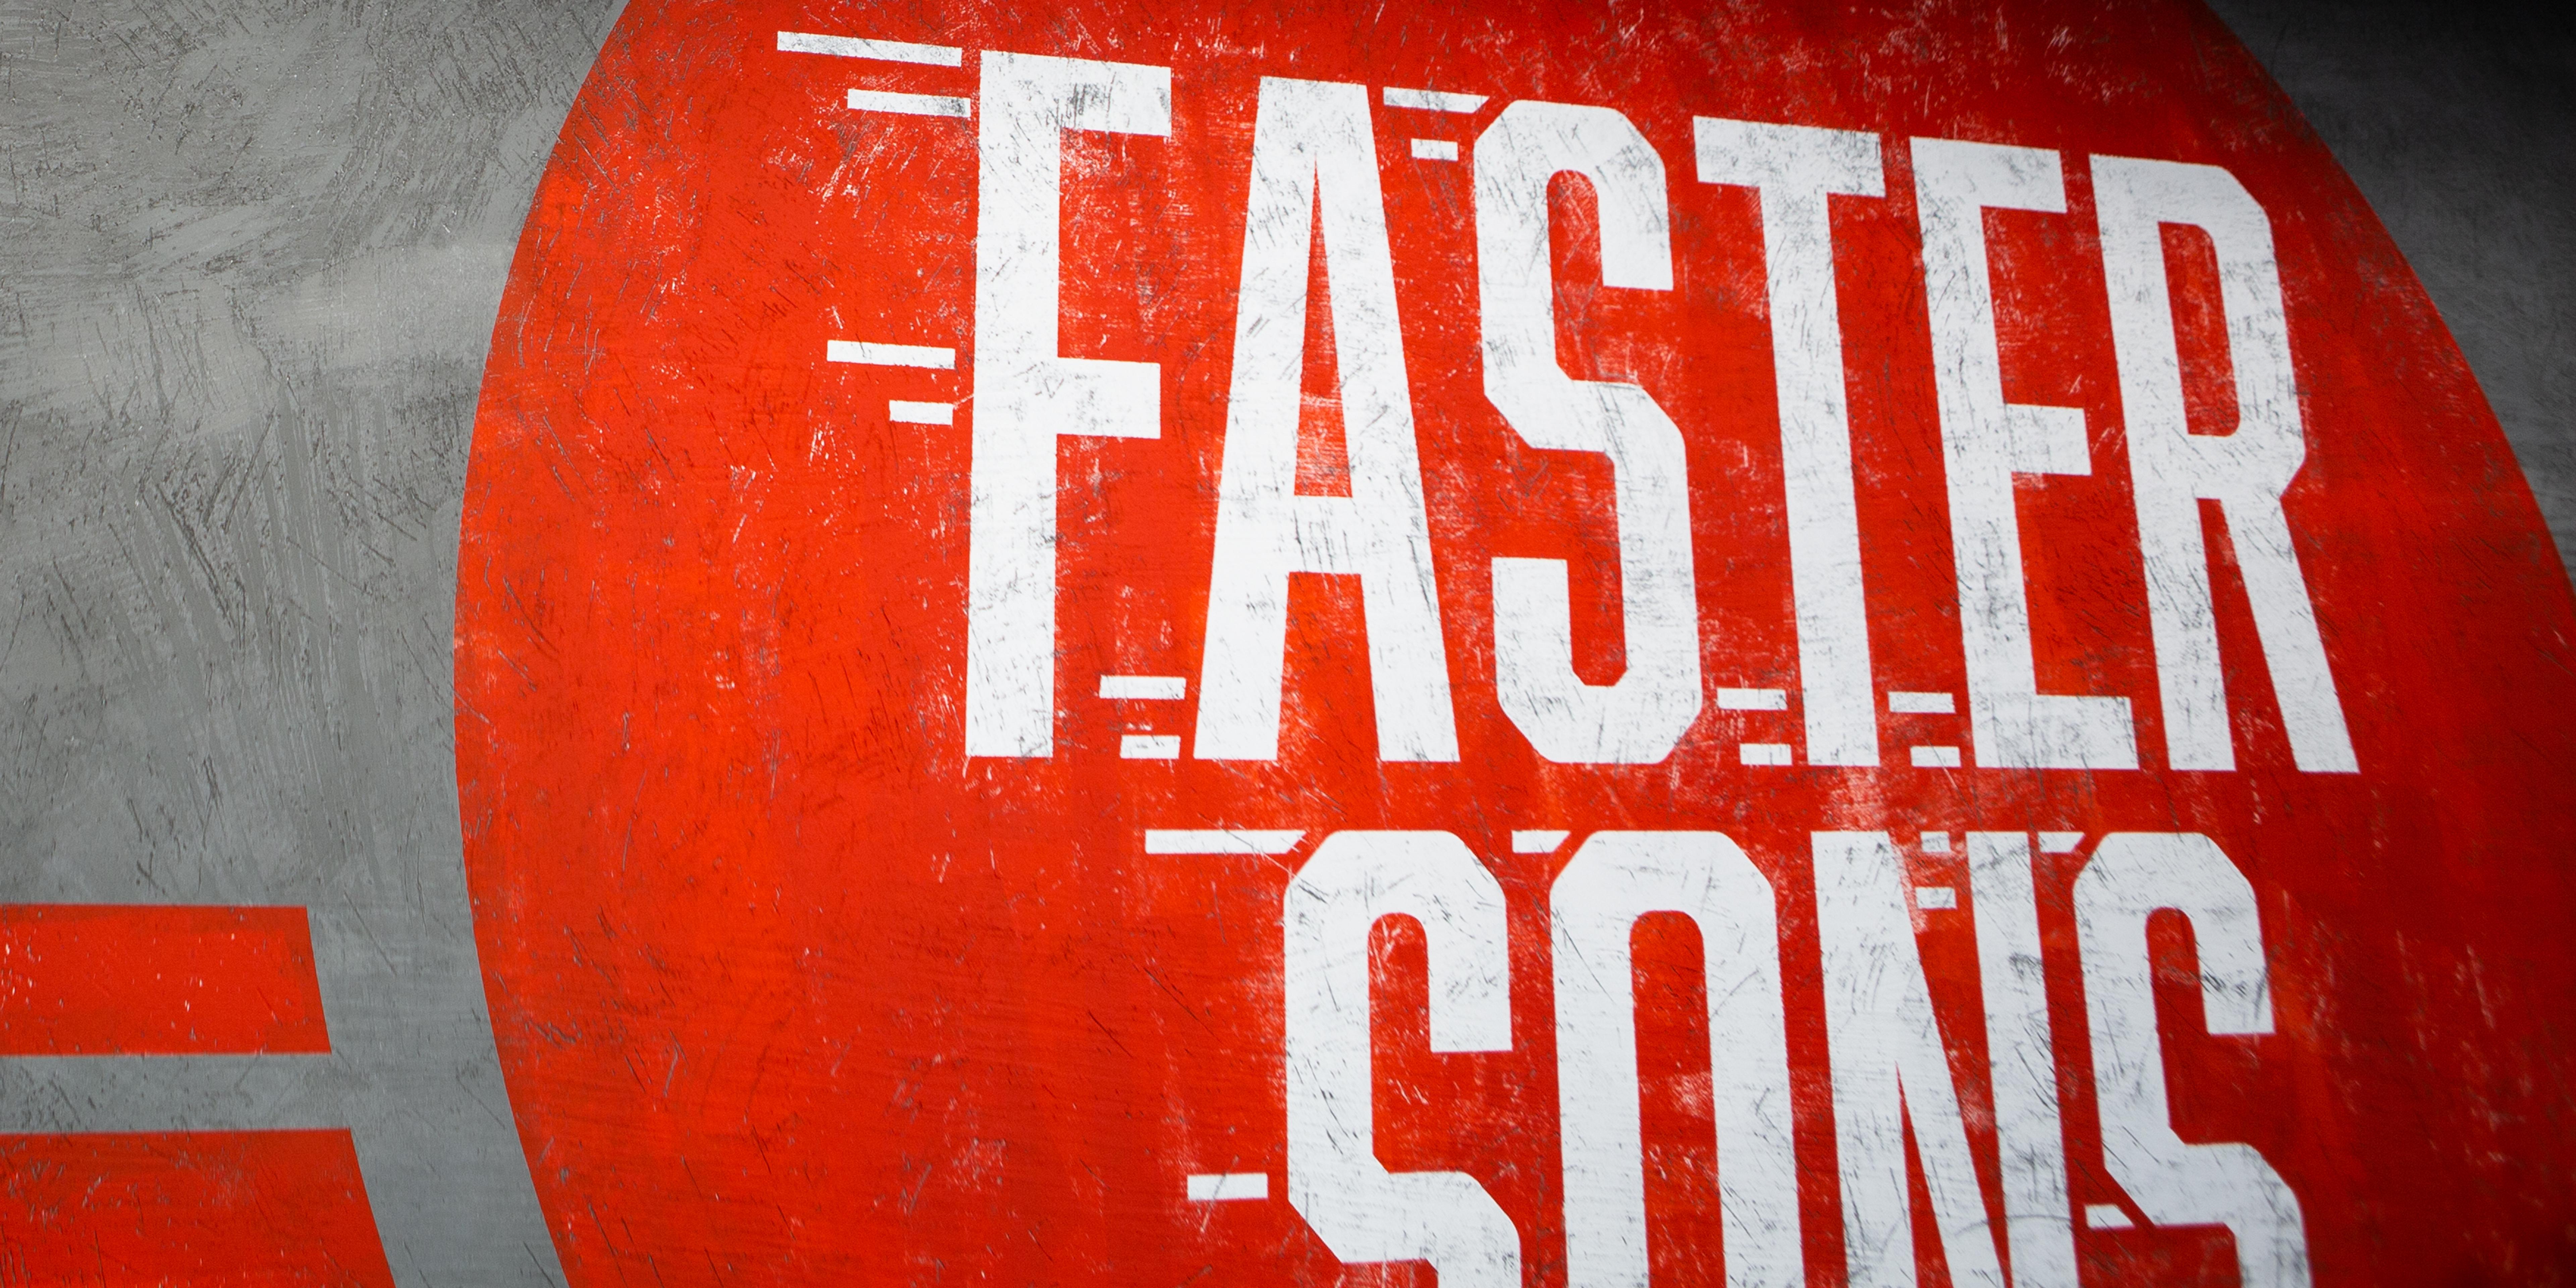 Hostettler Faster Sons